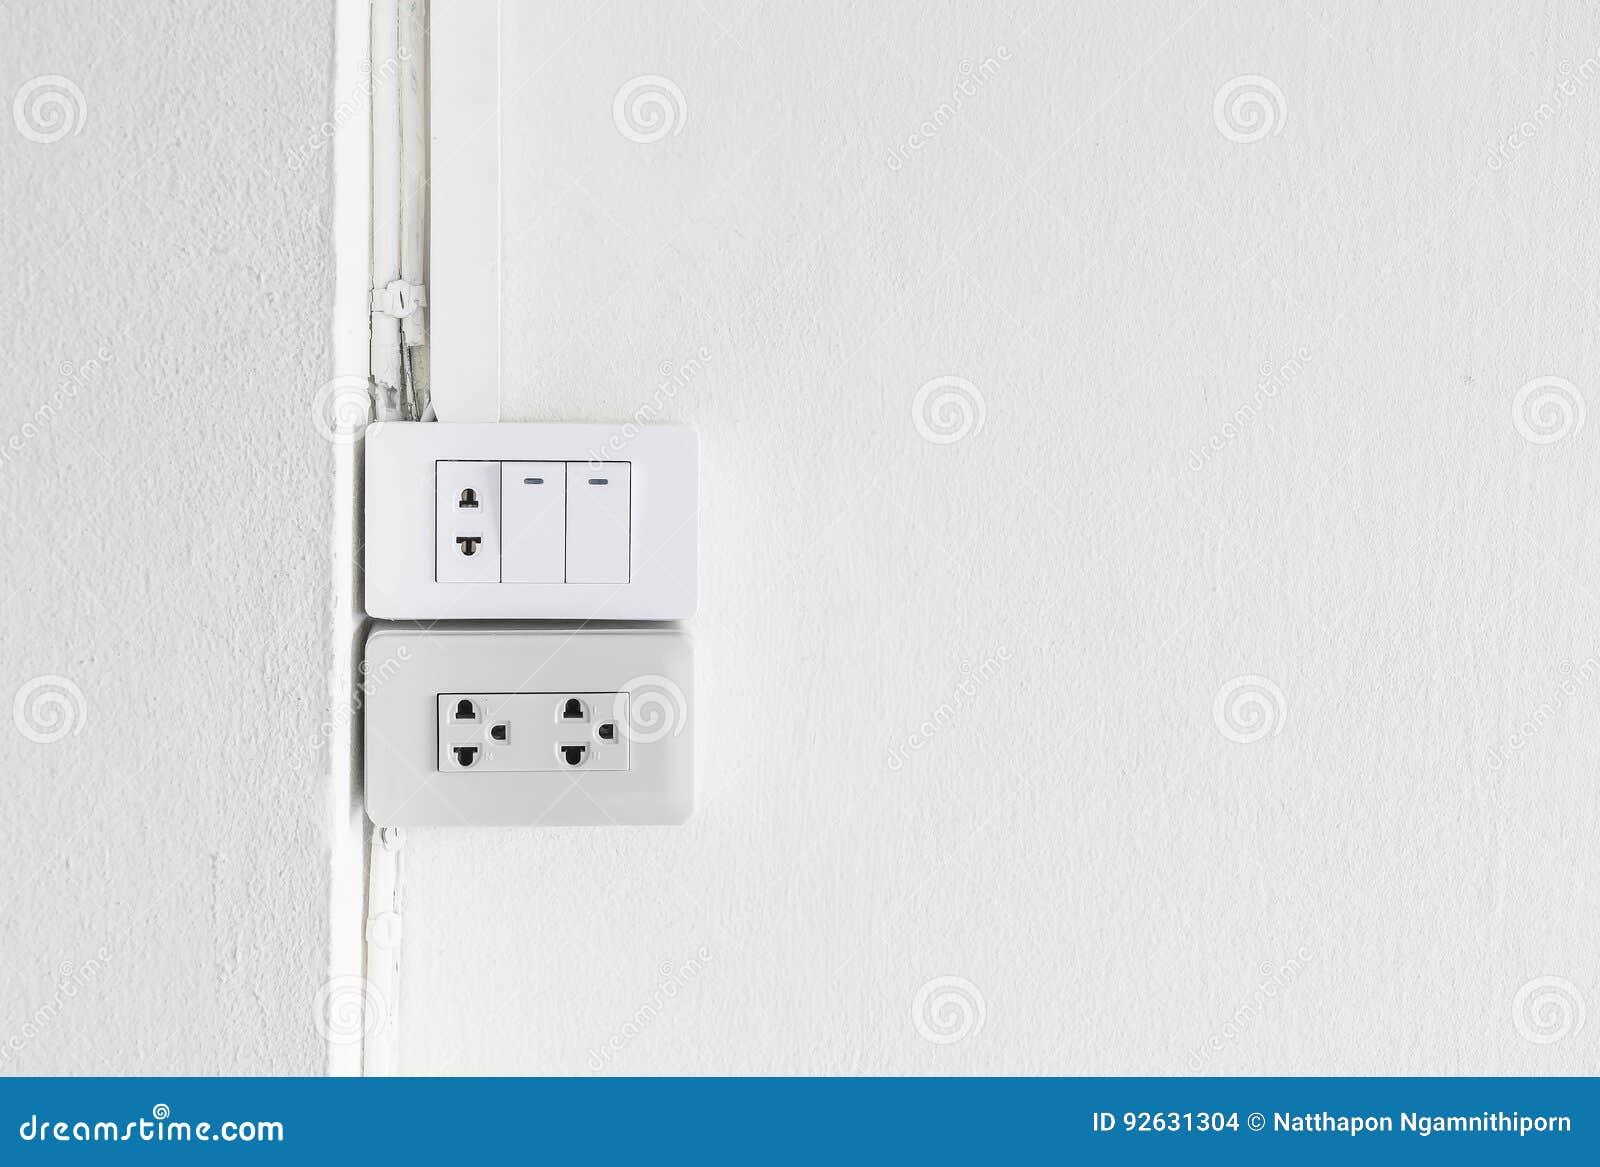 Ziemlich Ein Elektrischer Schalter Bilder - Die Besten Elektrischen ...